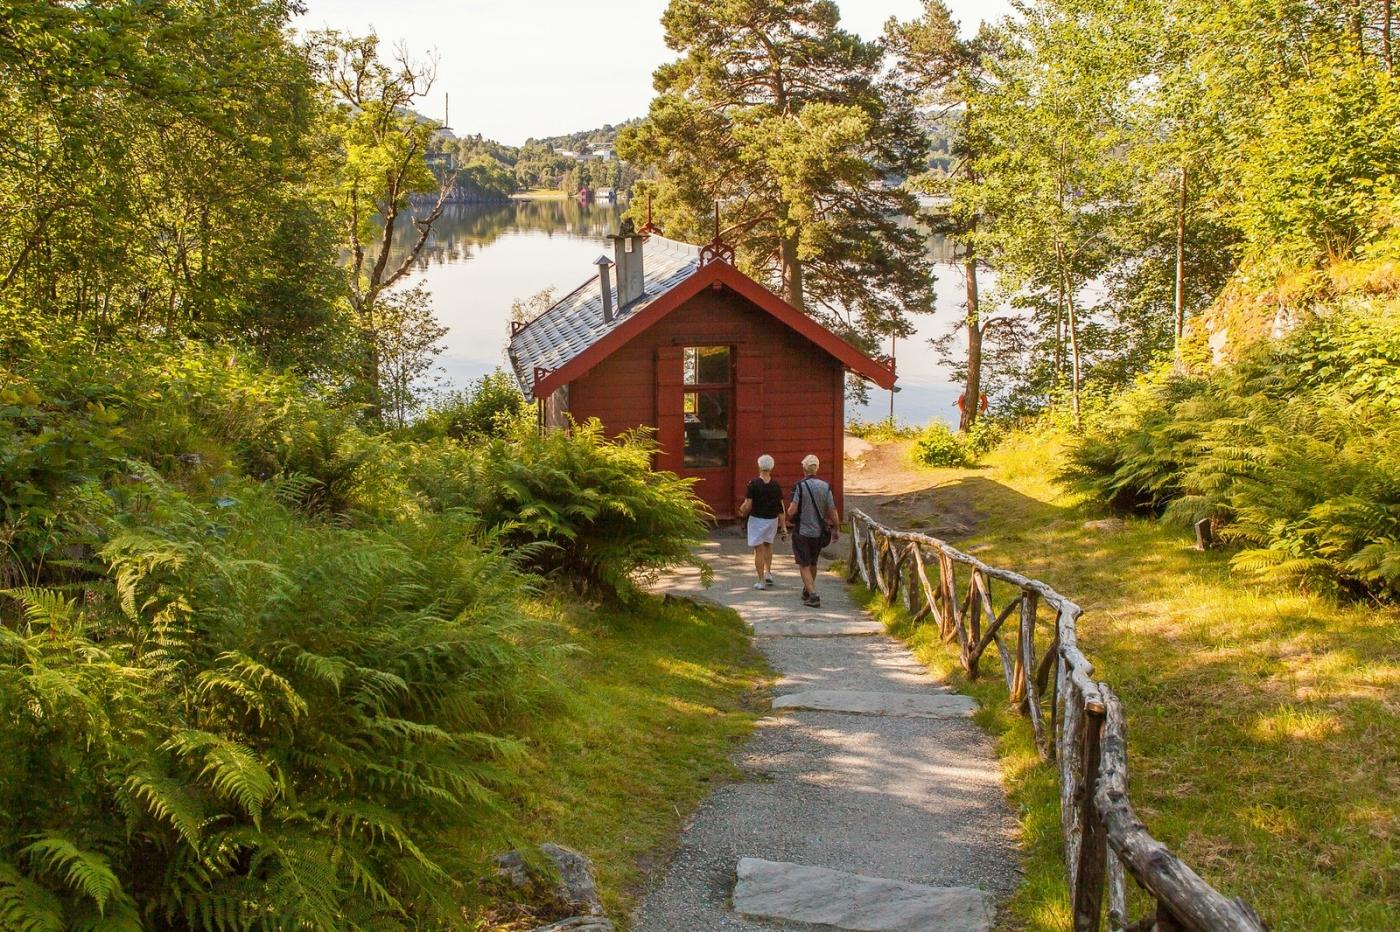 挪威作曲家爱德华-格里格,故居环境很漂亮_图1-3